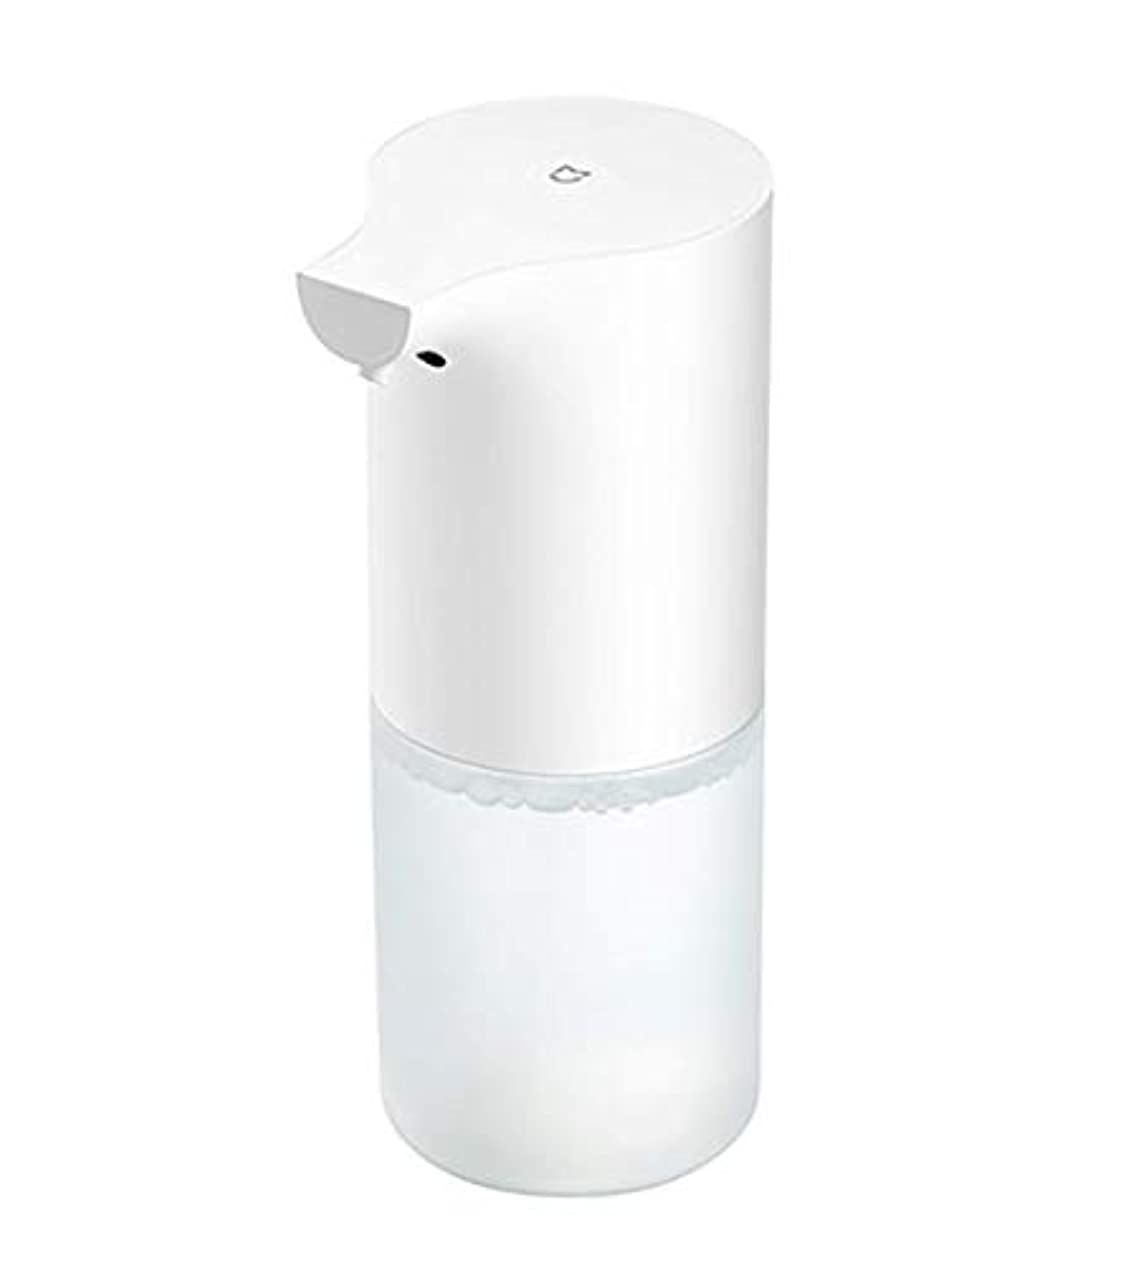 六任命かわいらしい自動誘導発泡ハンドウォッシャーフォームソープディスペンサー赤外線センサーソープディスペンサー用浴室キッチン